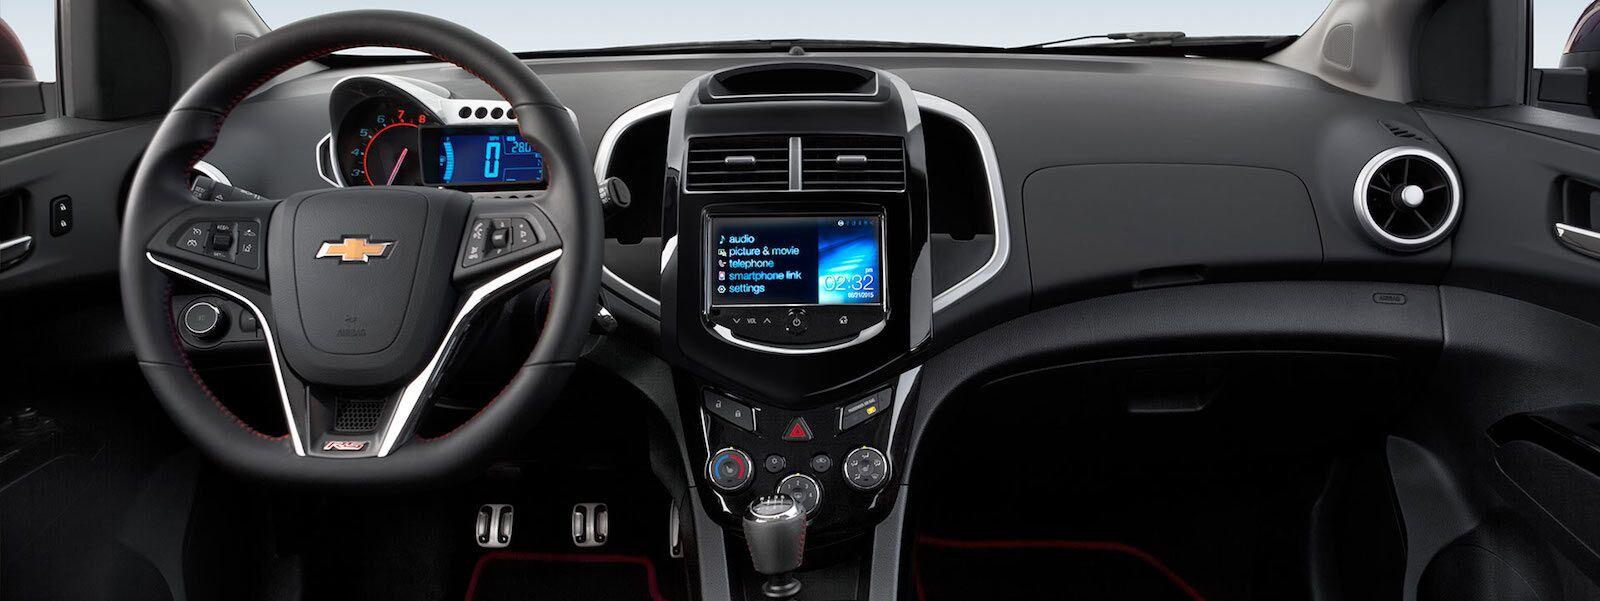 Chevy Sonic Interior